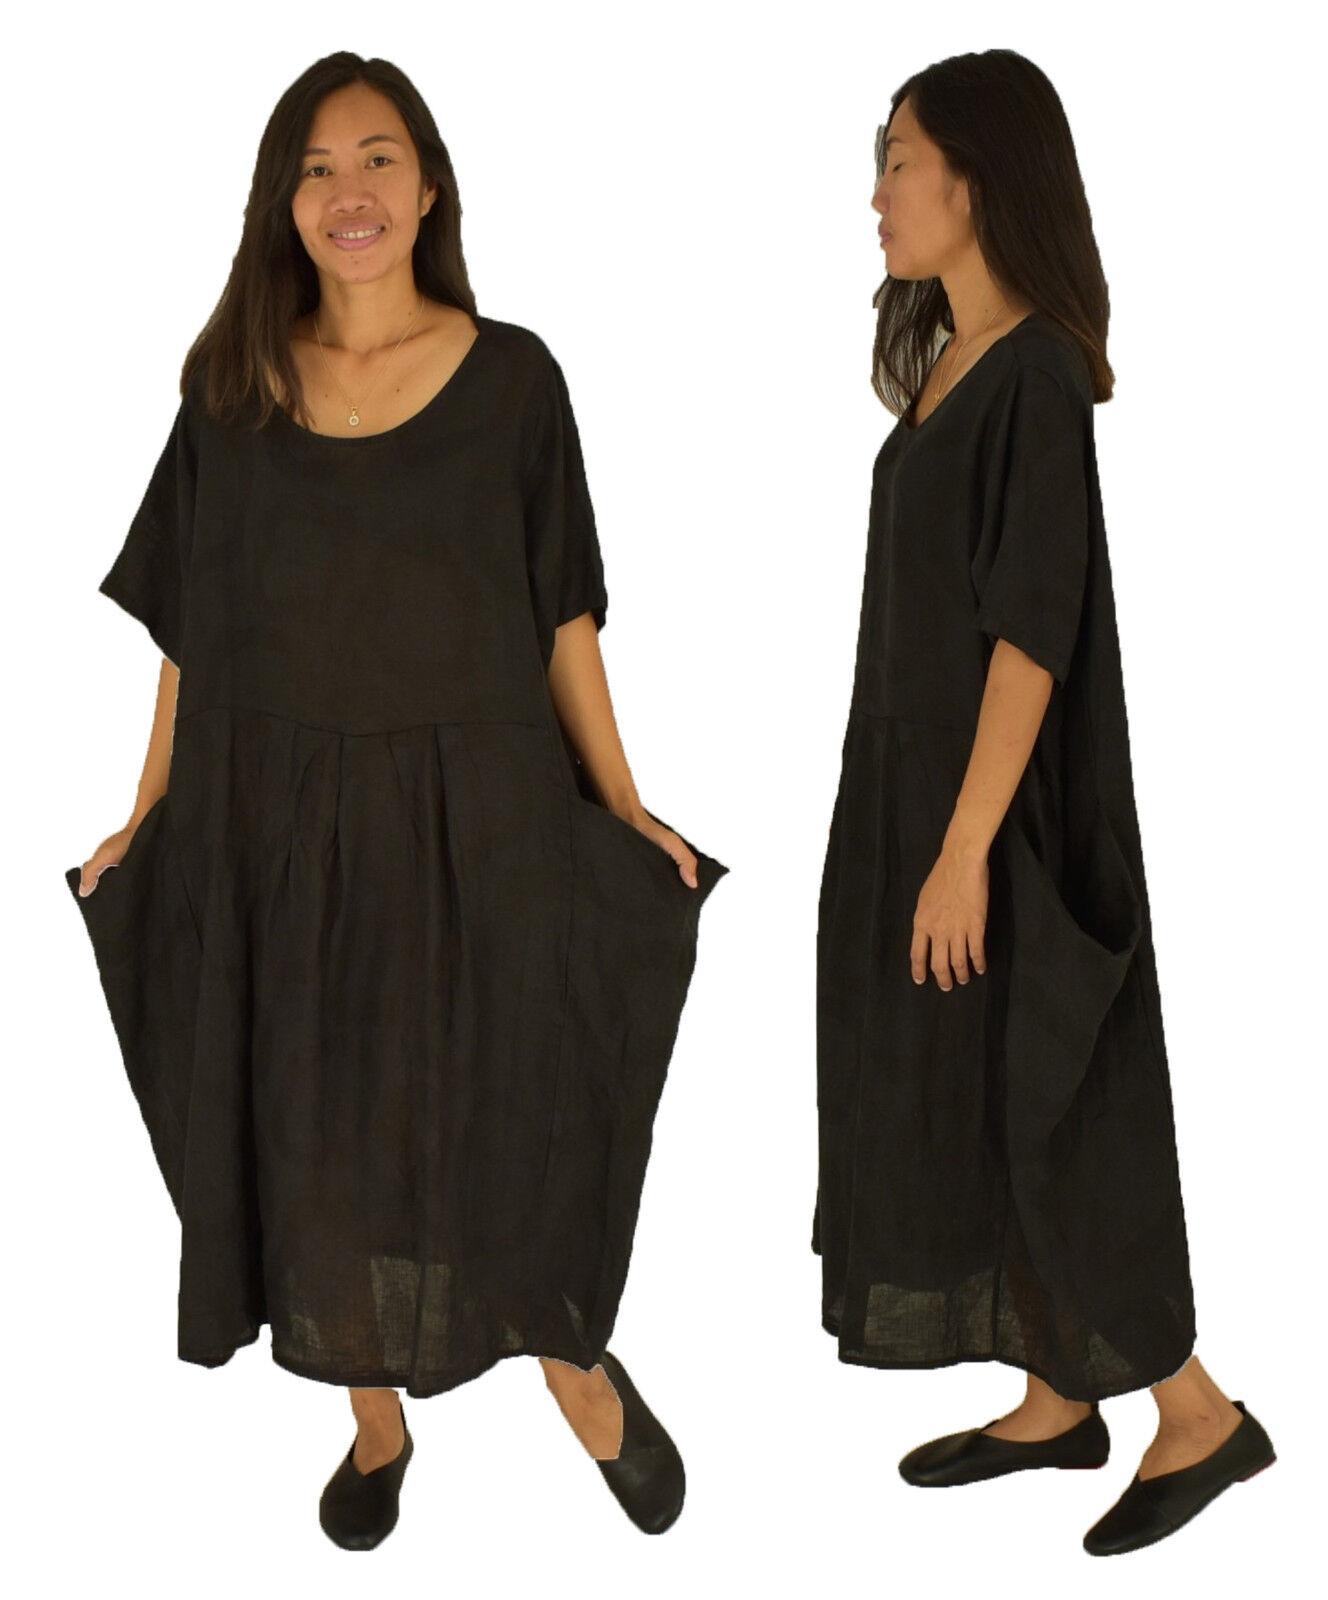 Kleid LB800SW Leinen one schwarz 50 48 46 44 Gr. Größe